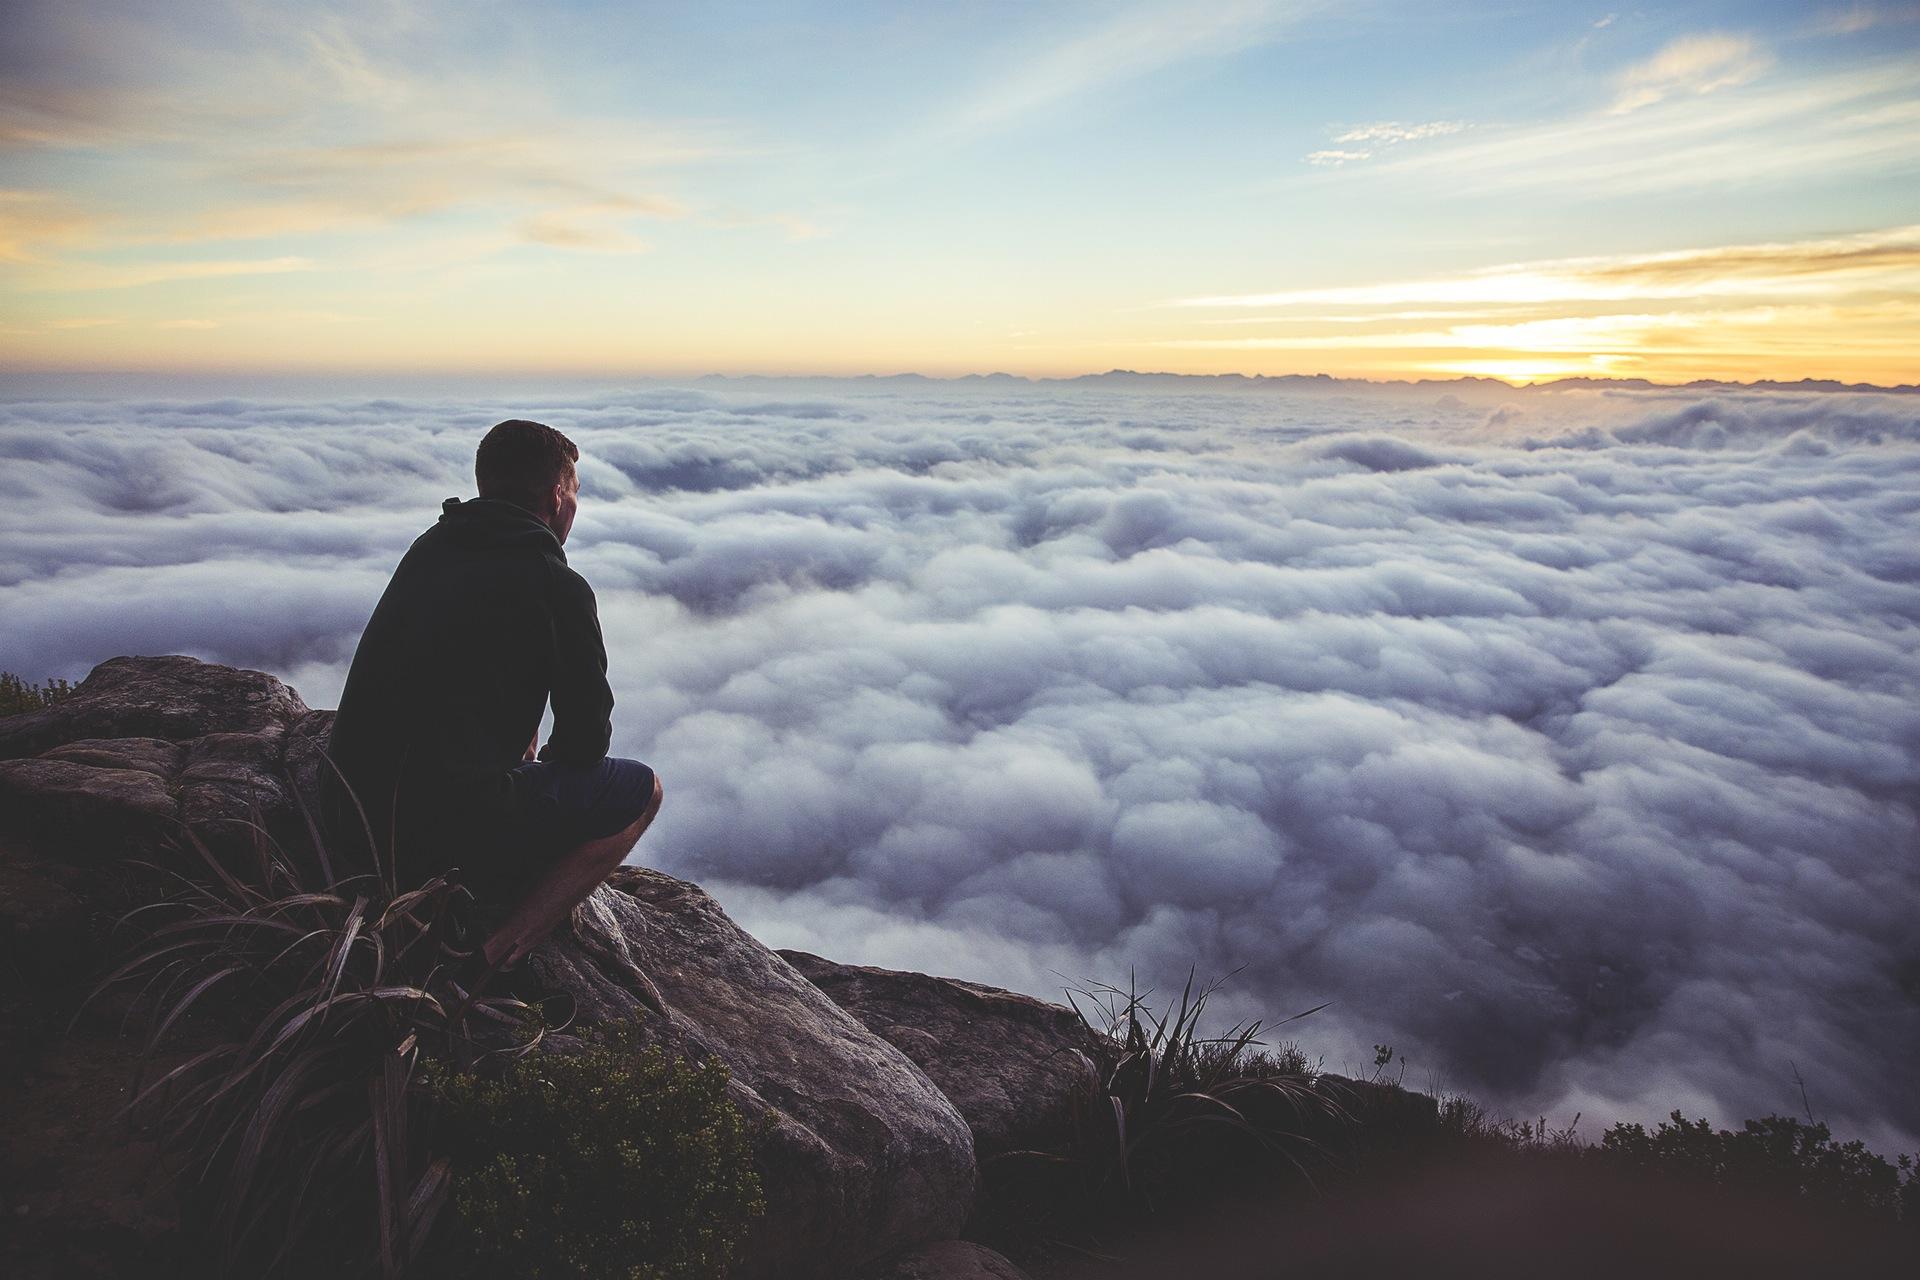 雲, 太陽, サンセット, 男, 山, 霧, リラックス, インスピレーション - HD の壁紙 - 教授-falken.com